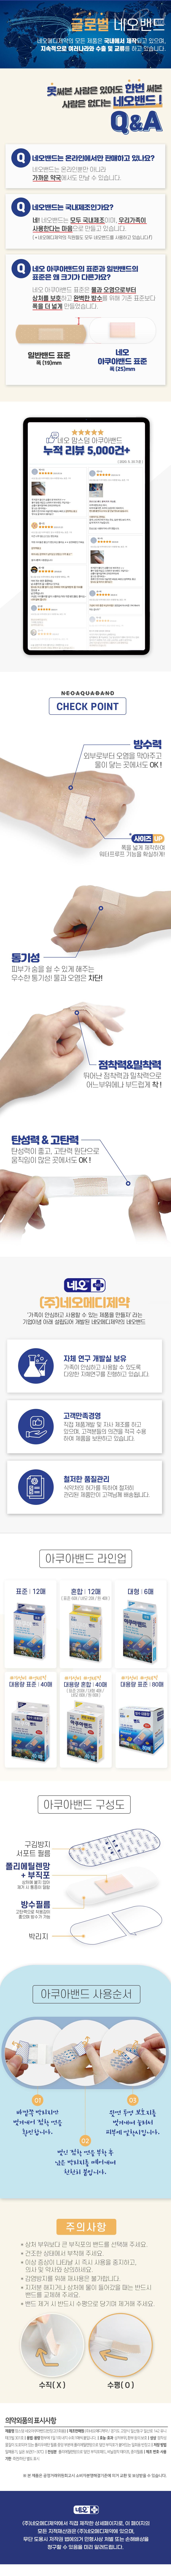 네오 맘스덤 방수 폭넓은 표준 상처 아쿠아밴드 80매 - 네오, 15,000원, 생활잡화, 구급함/구급용품